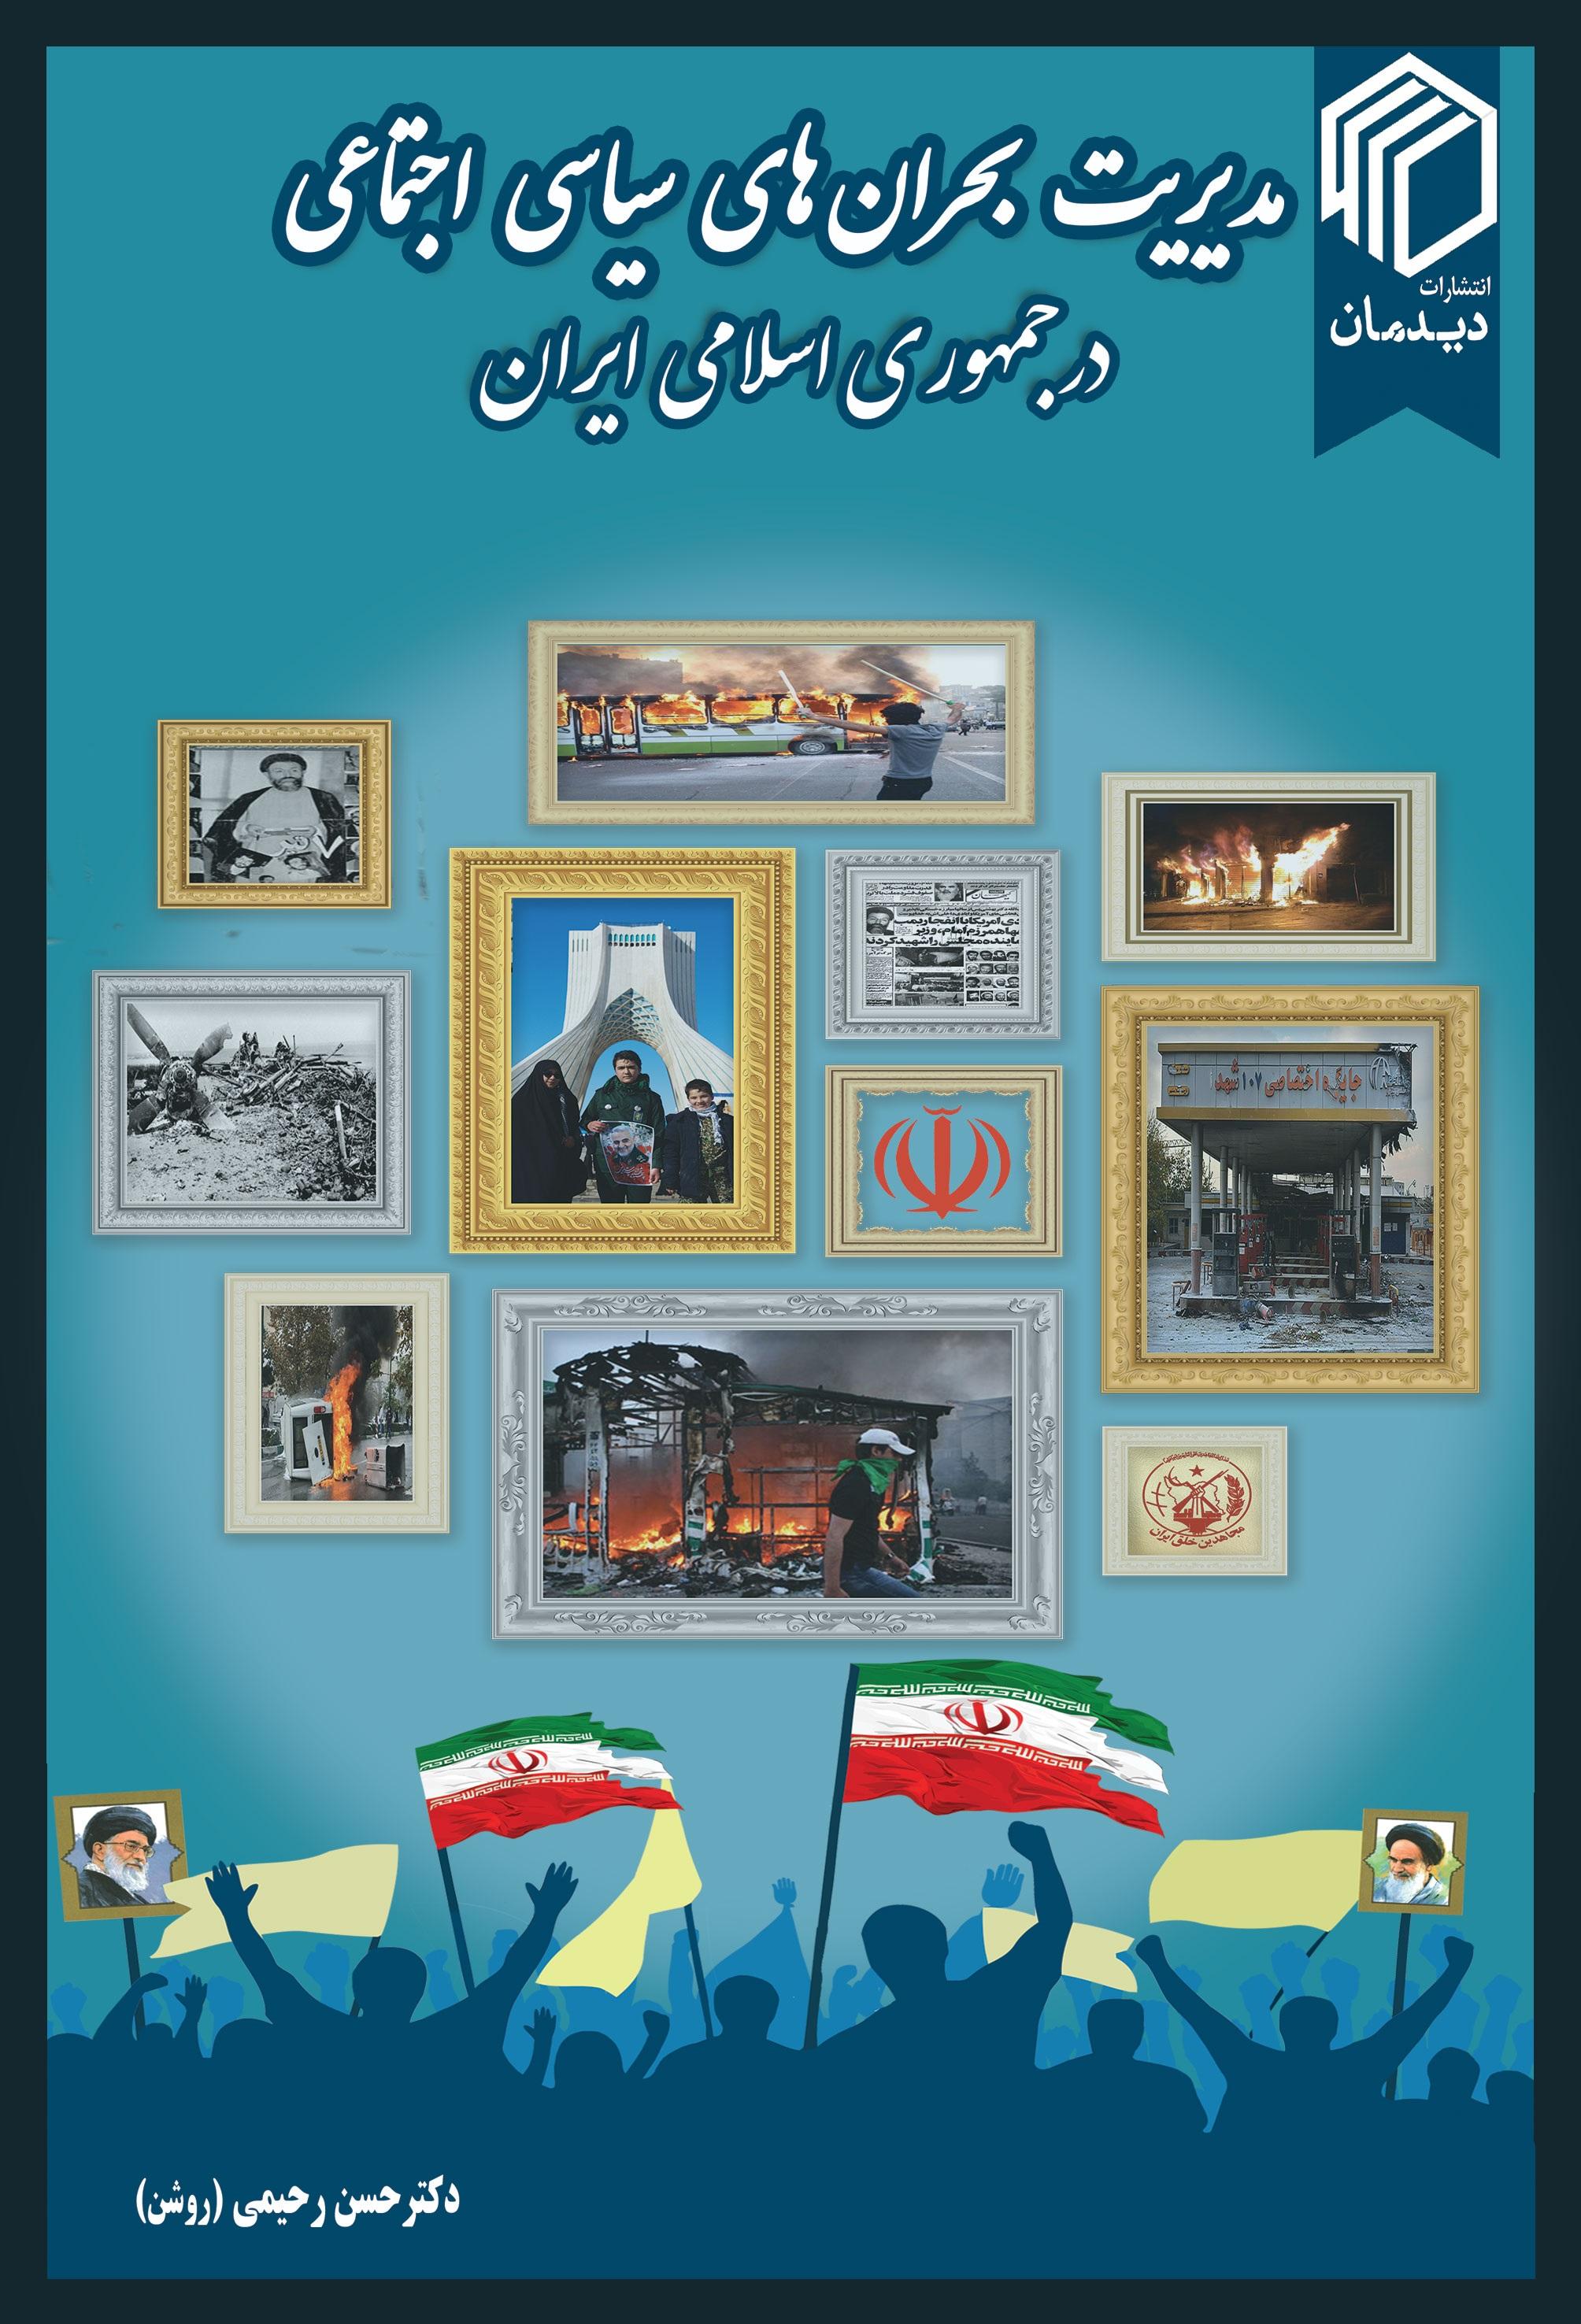 مدیریت بحرانهای-سیاسی اجتماعی در جمهوری اسلامی